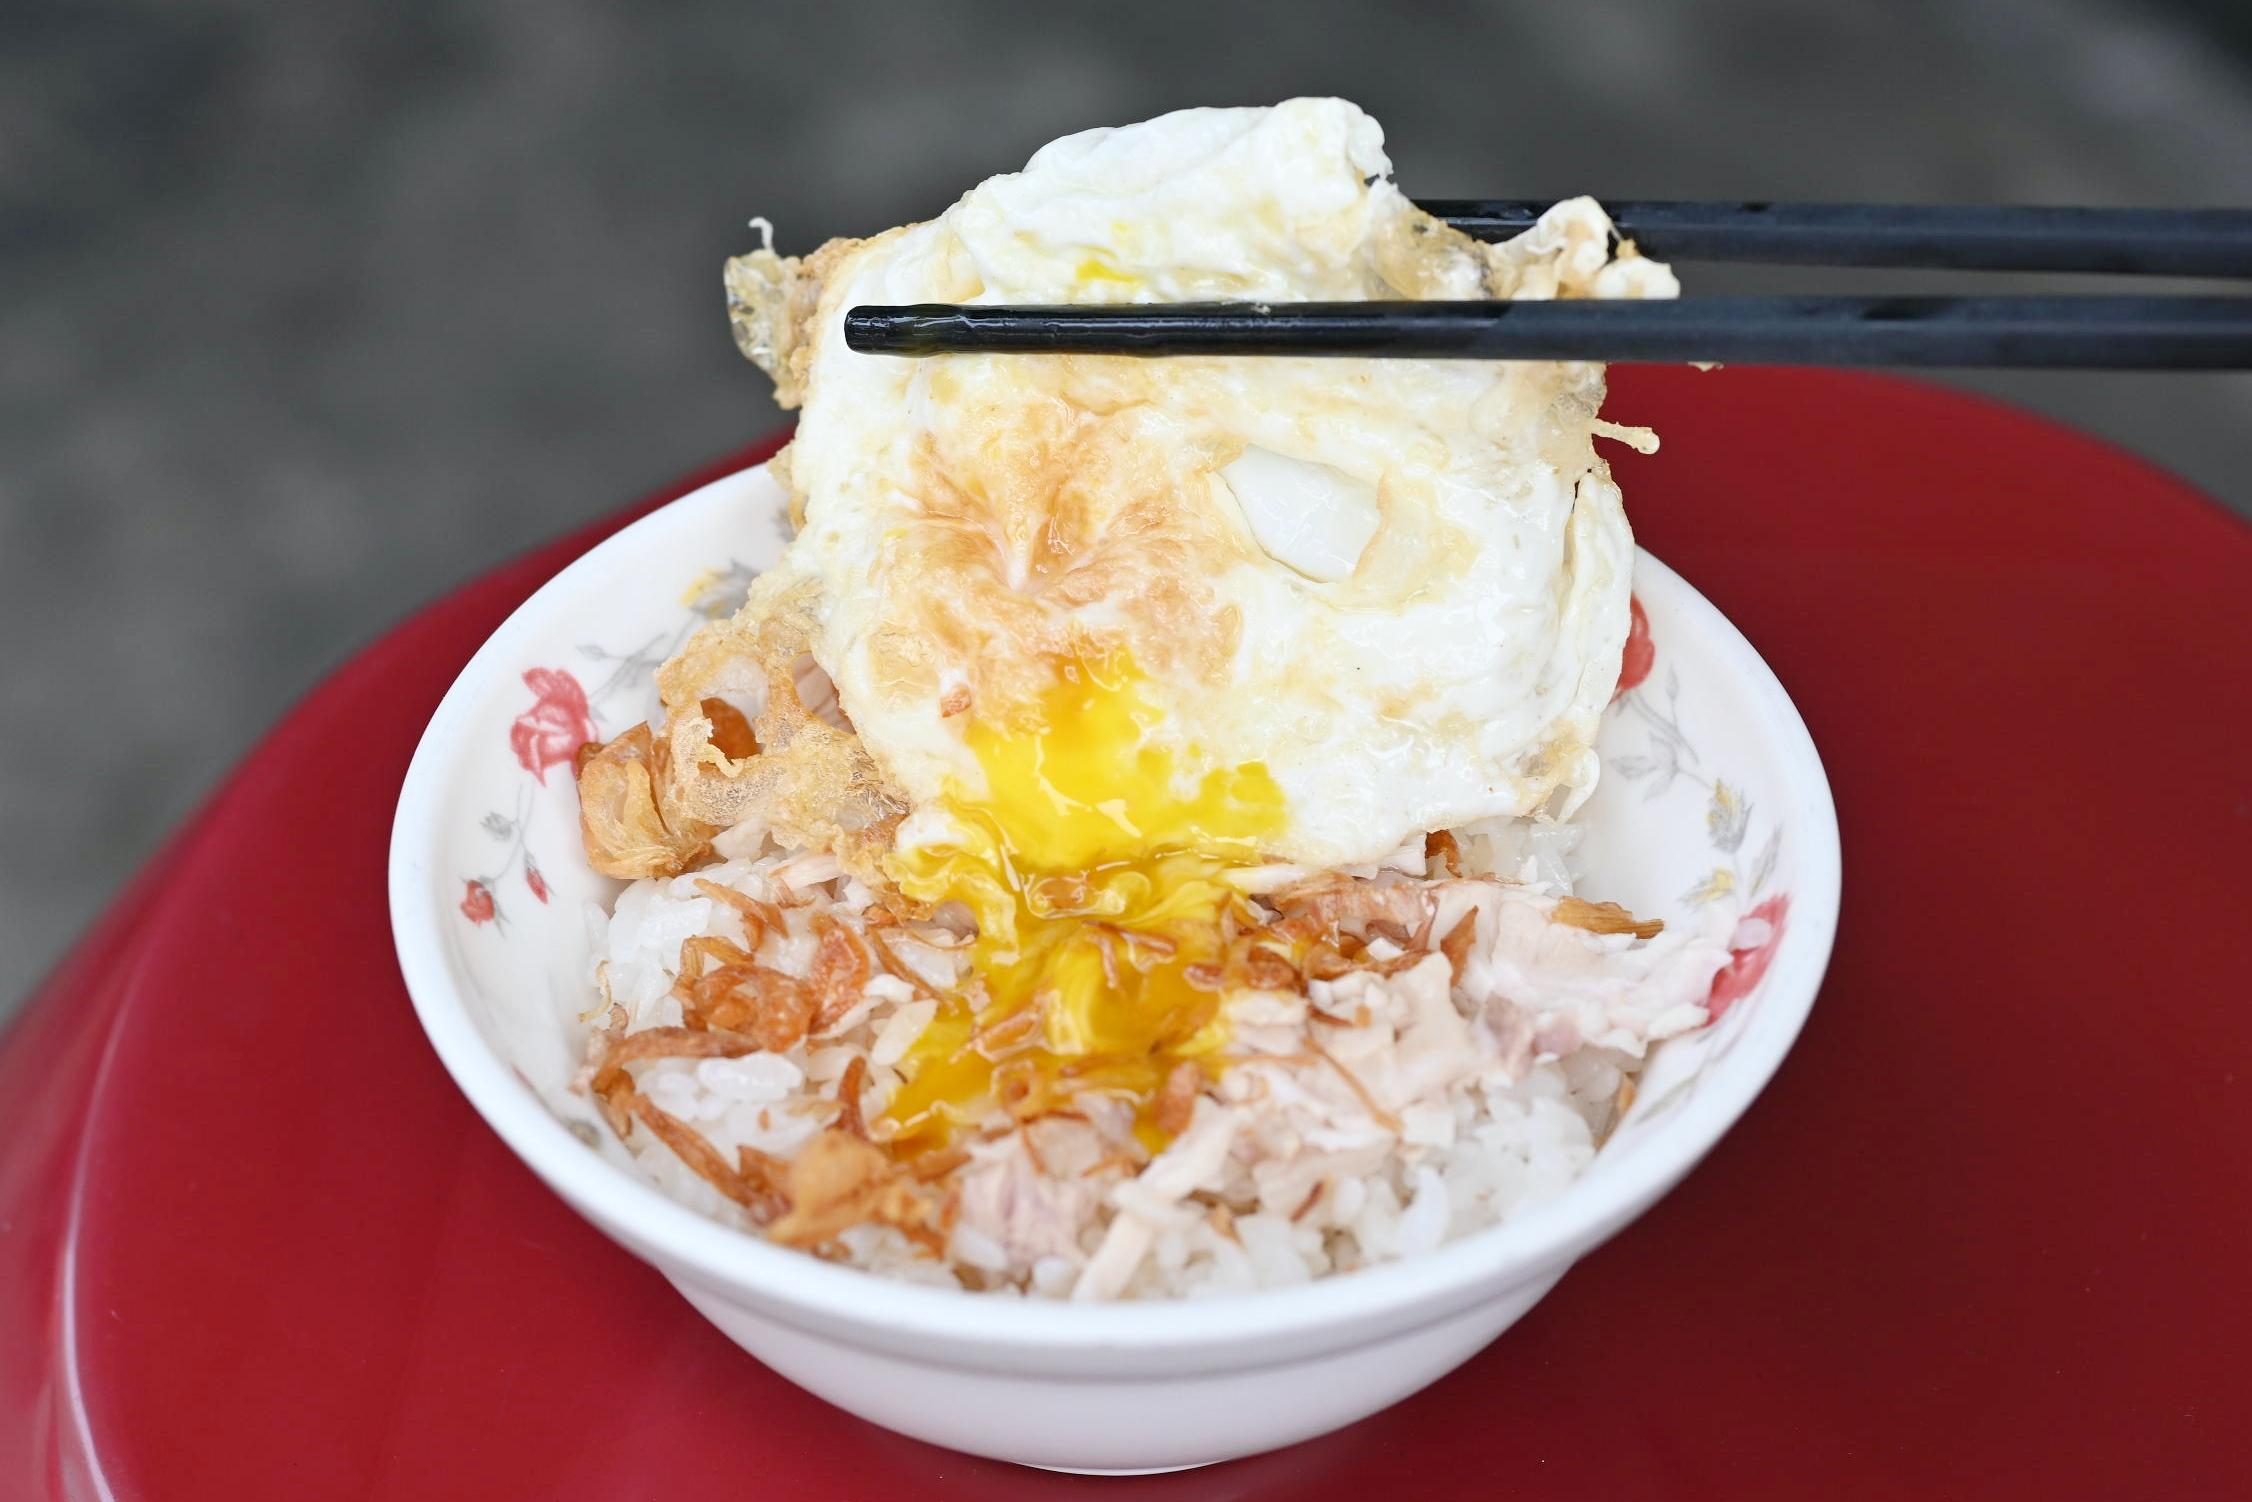 今日熱門文章:【嘉義火雞肉飯推薦】嘉義公園火雞肉飯,油蔥系雞肉飯要搬家了